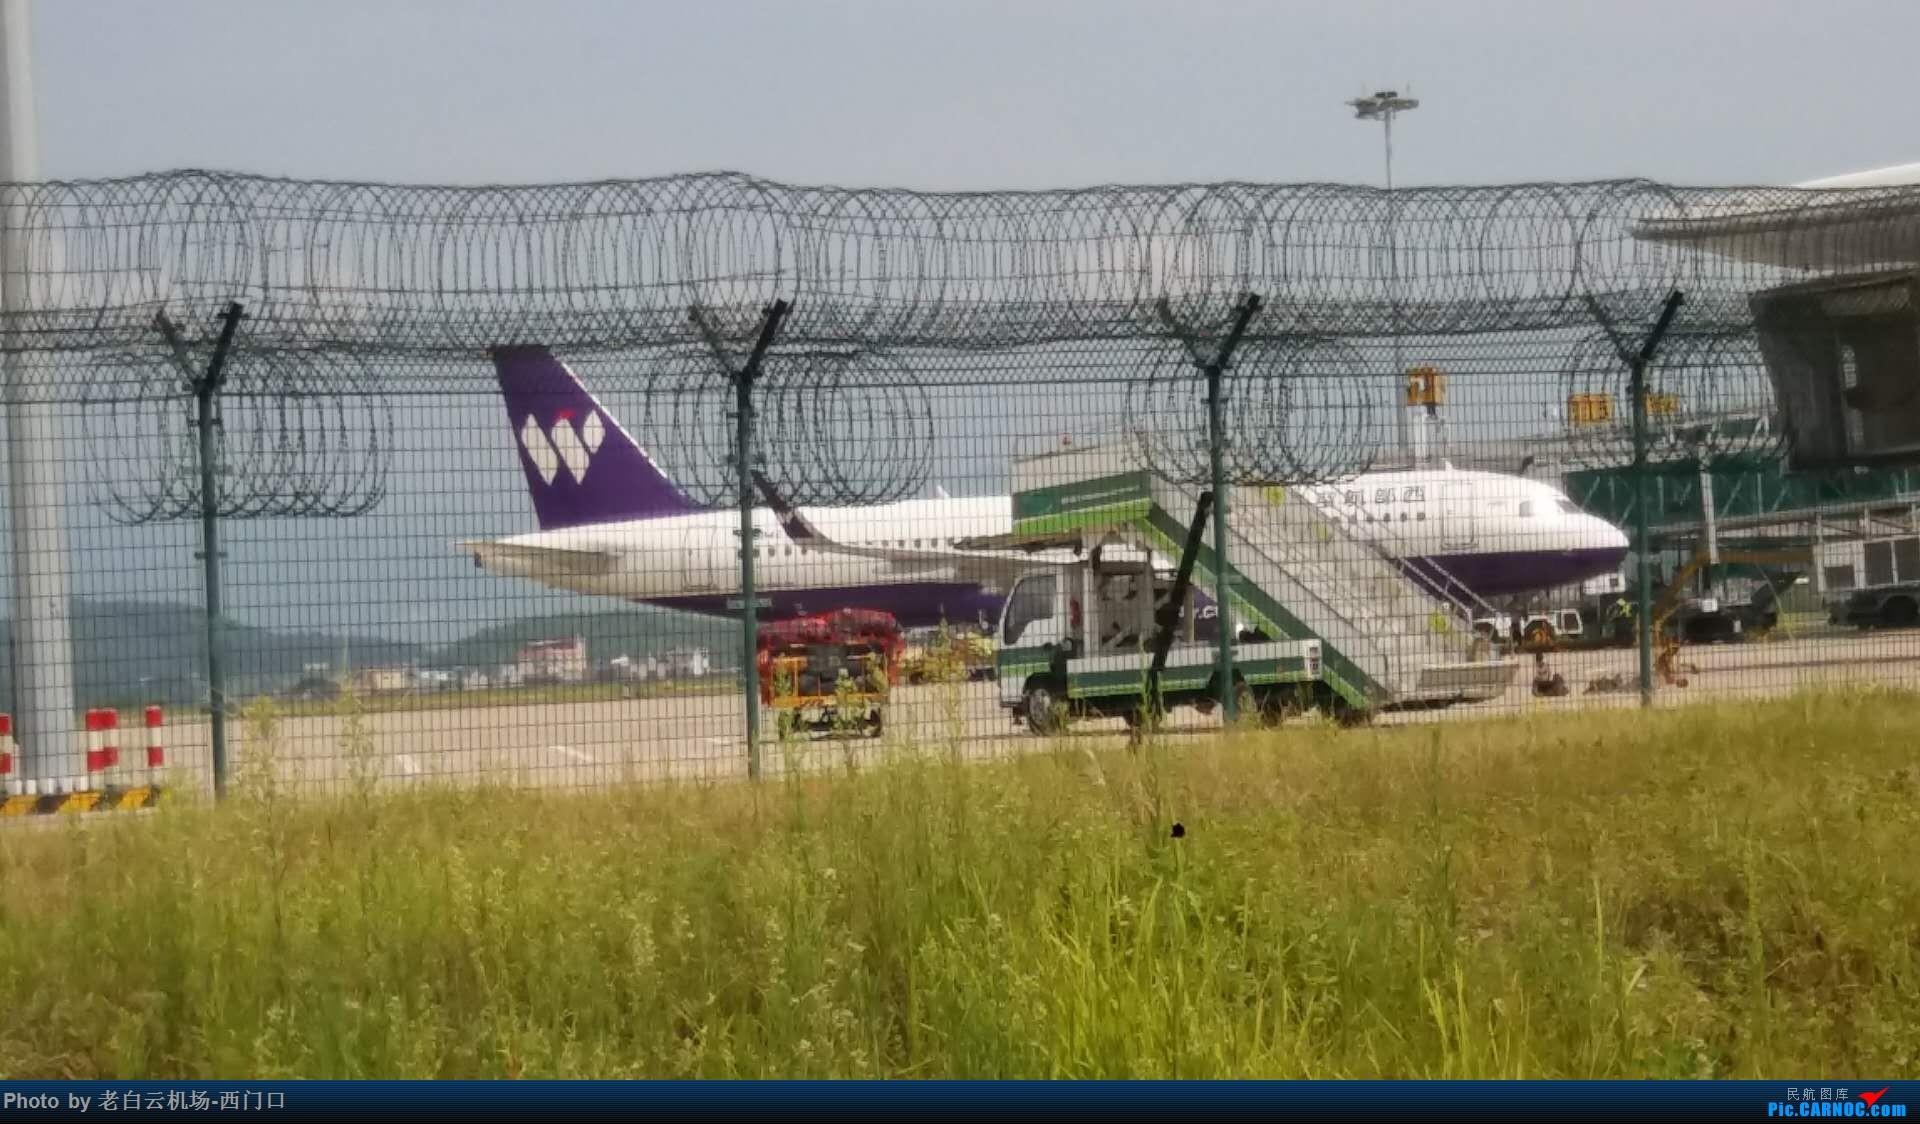 Re:[原创]【梁泽希拍机故事7】2018年第六次拍机 AIRBUS A320-200 B-6743 中国揭阳潮汕国际机场